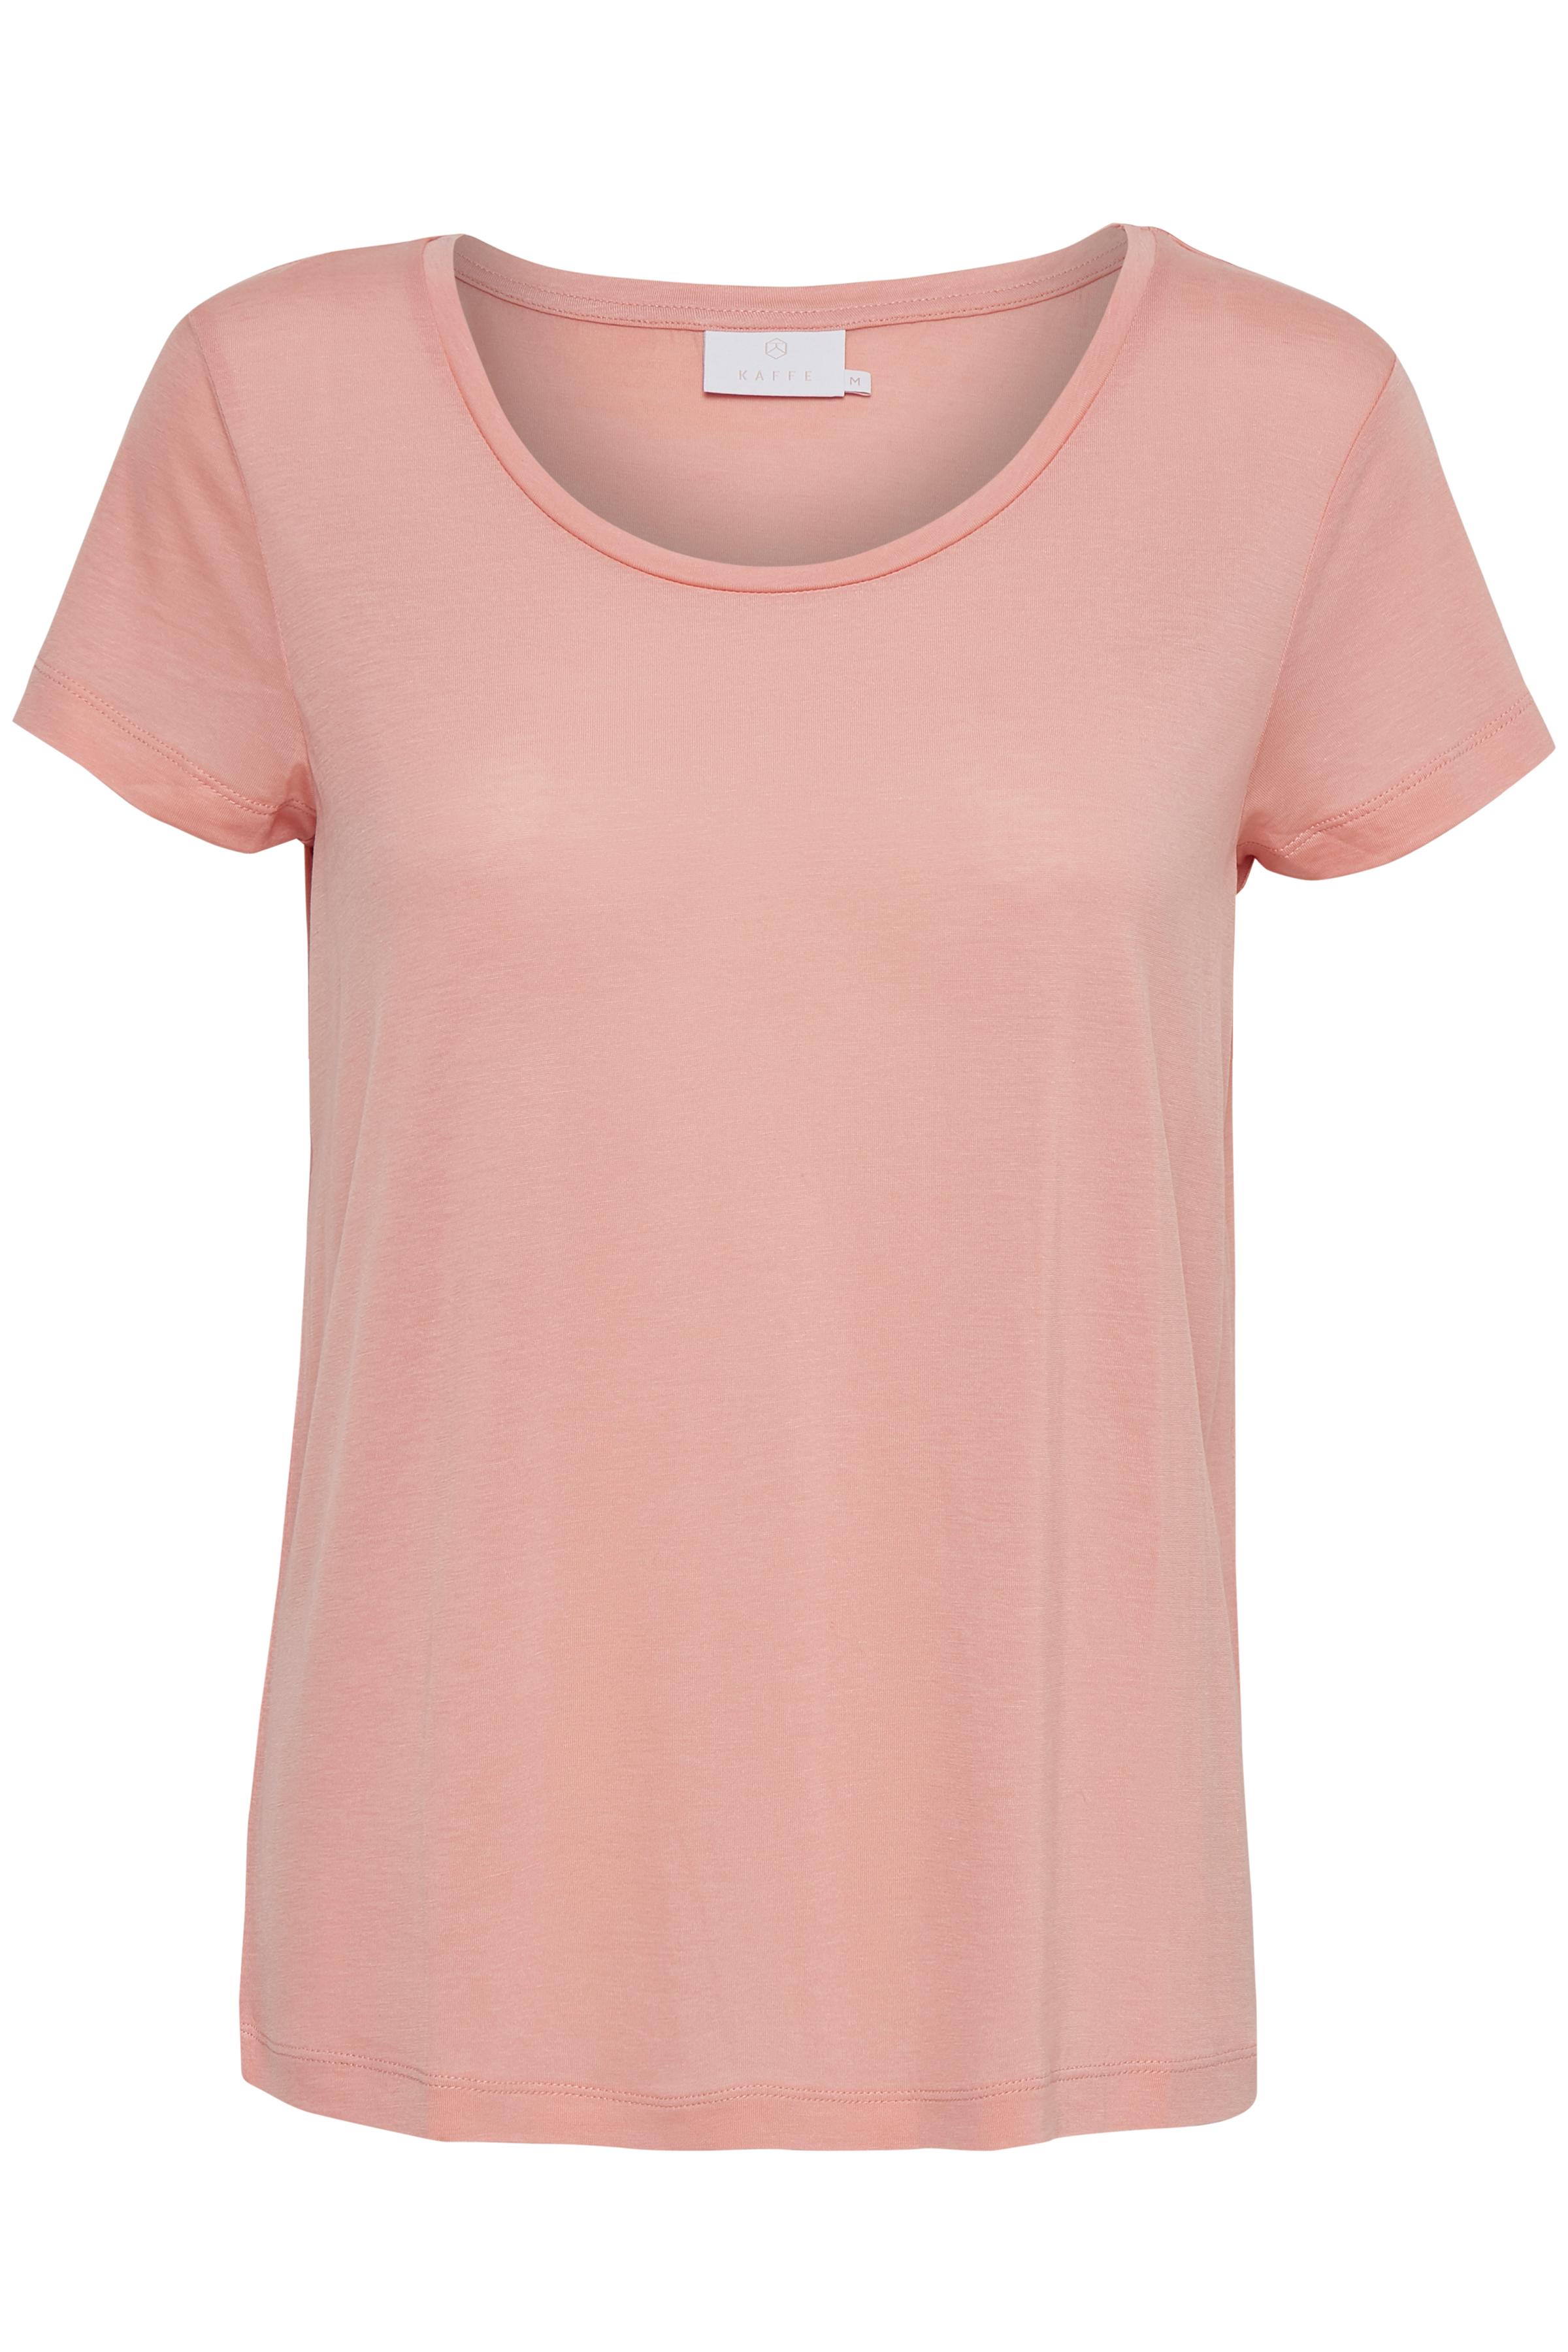 Kaffe Dame Enkel og fin Anna T-shirt  - Mørk rosa